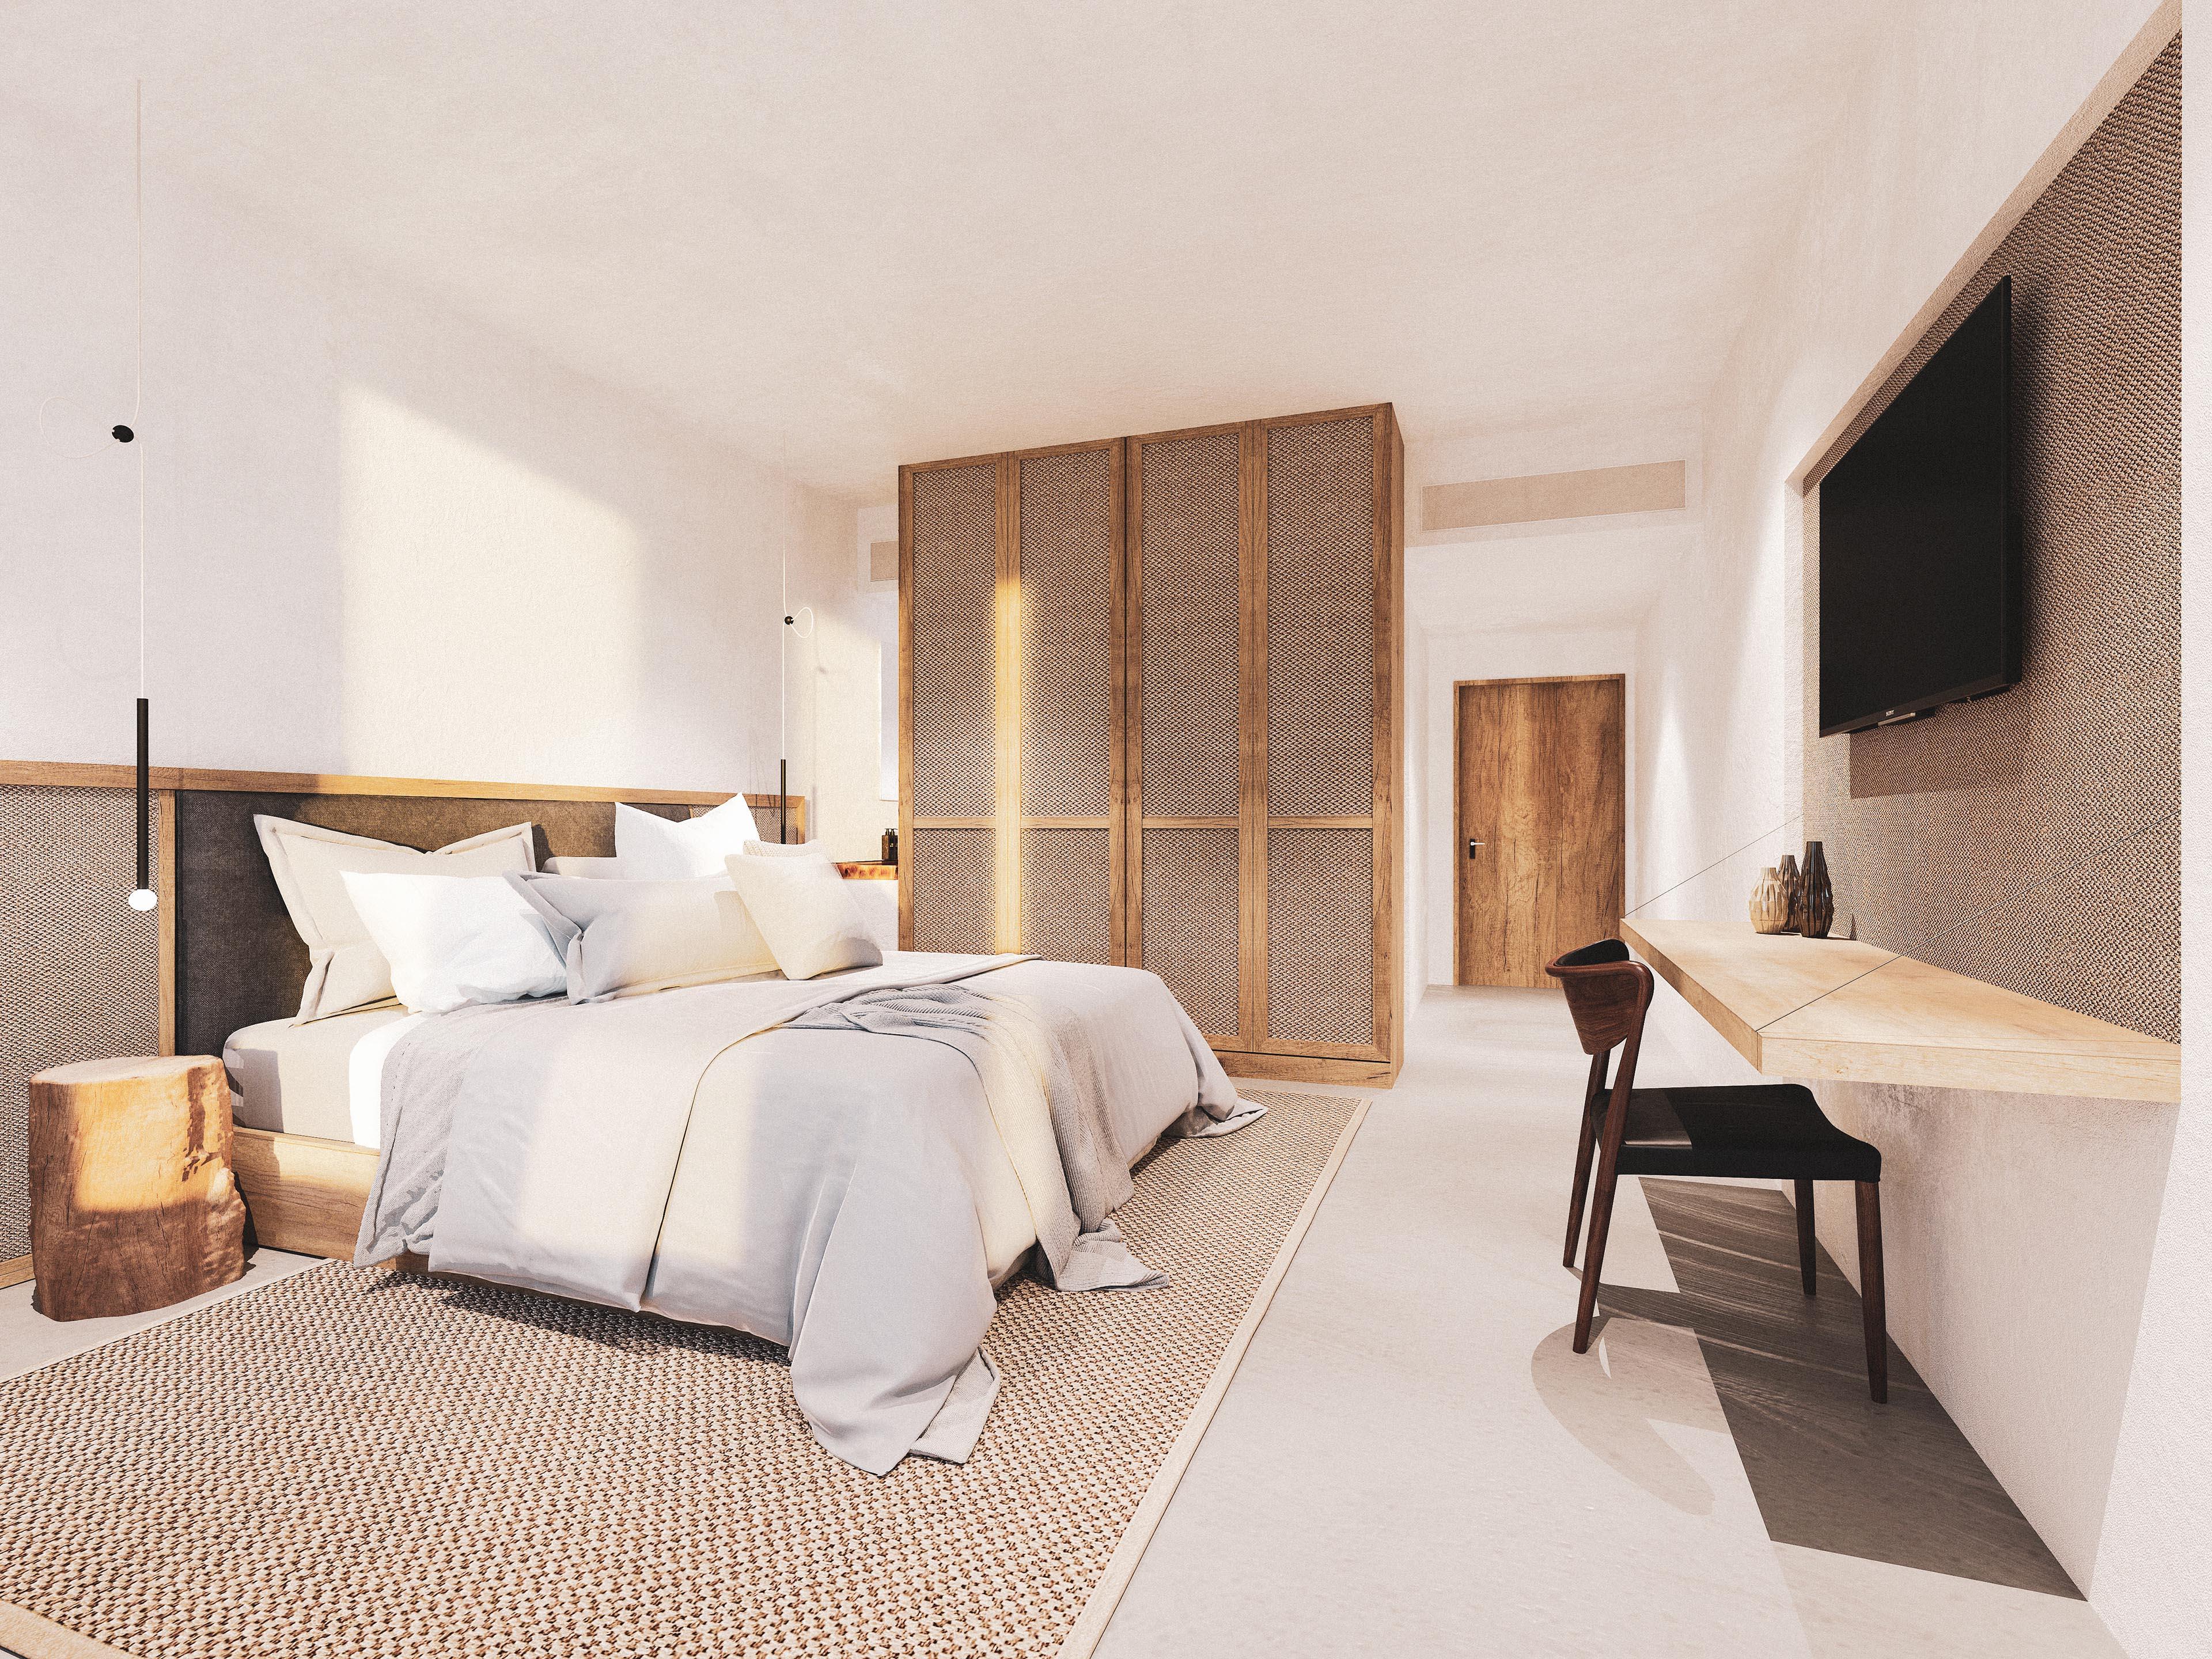 Architekturvisualisierung Interior Zimmer Hotel Split